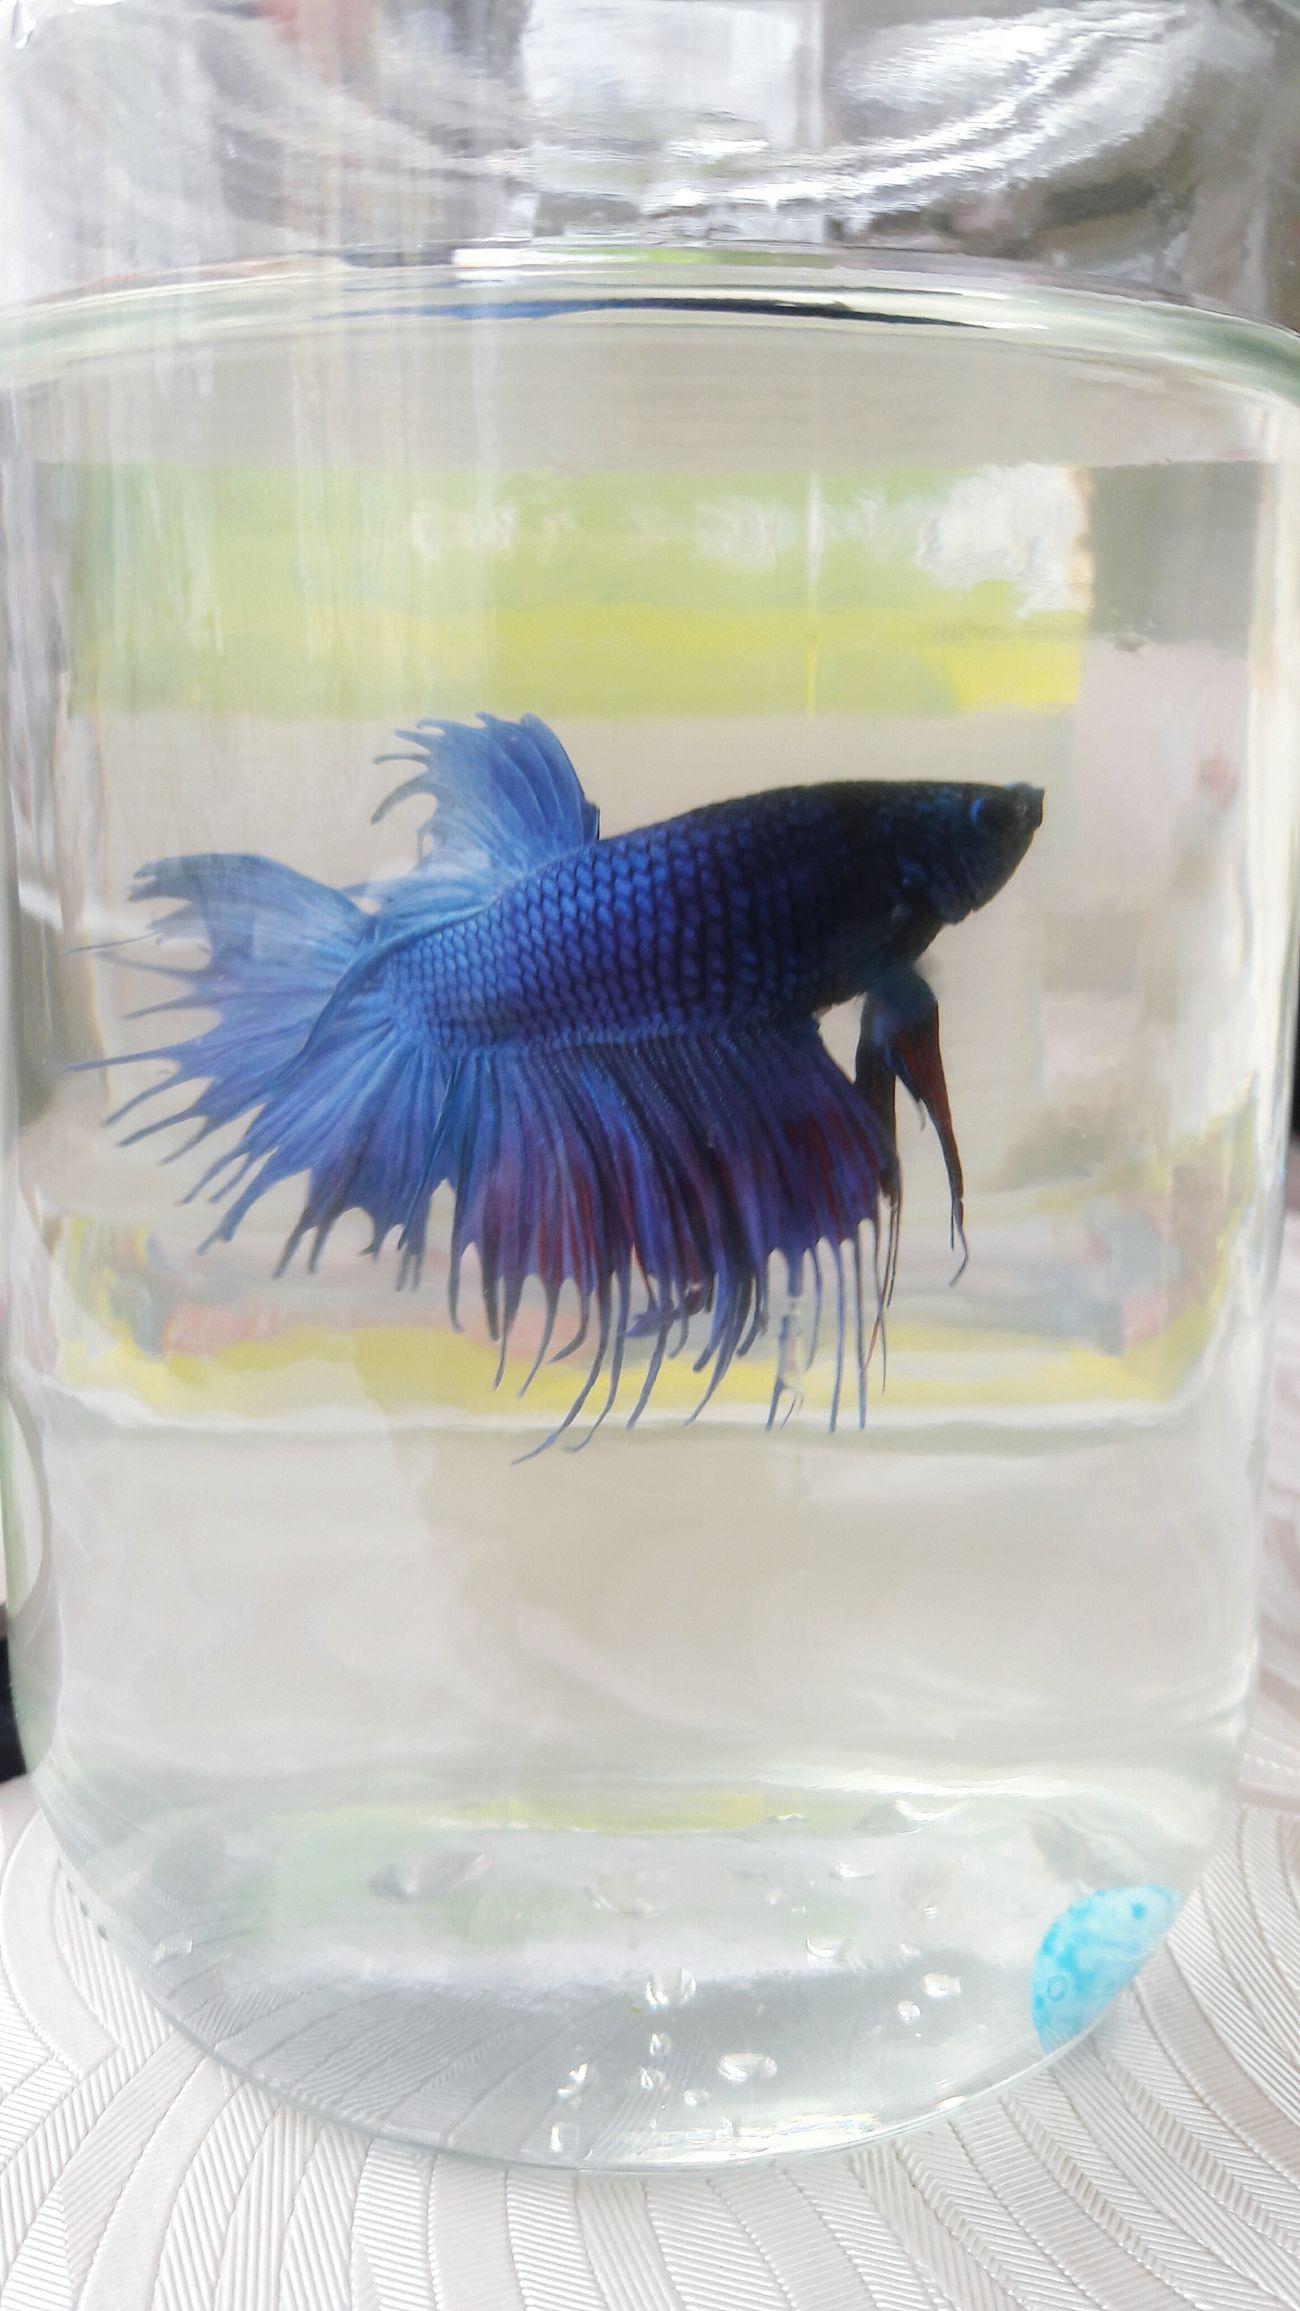 My Cute Fish I Love My Fish Dark Blue Blue Angry Beta Angry Beta Aquarium Aquarium Life Tasseled